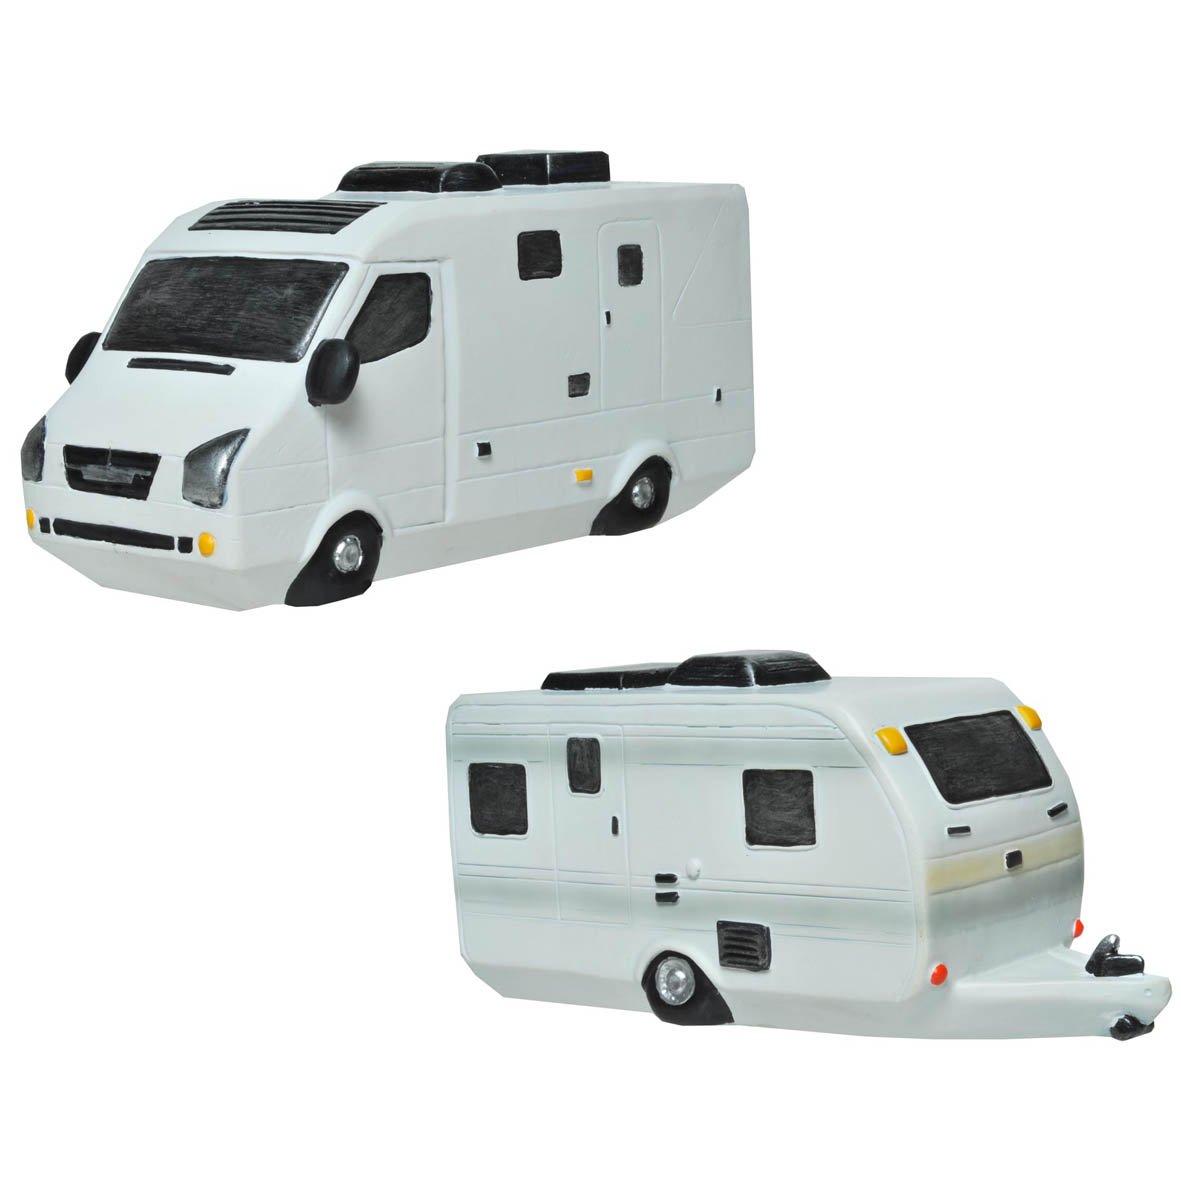 Spardose Camping Wohnwagen Wohnmobil